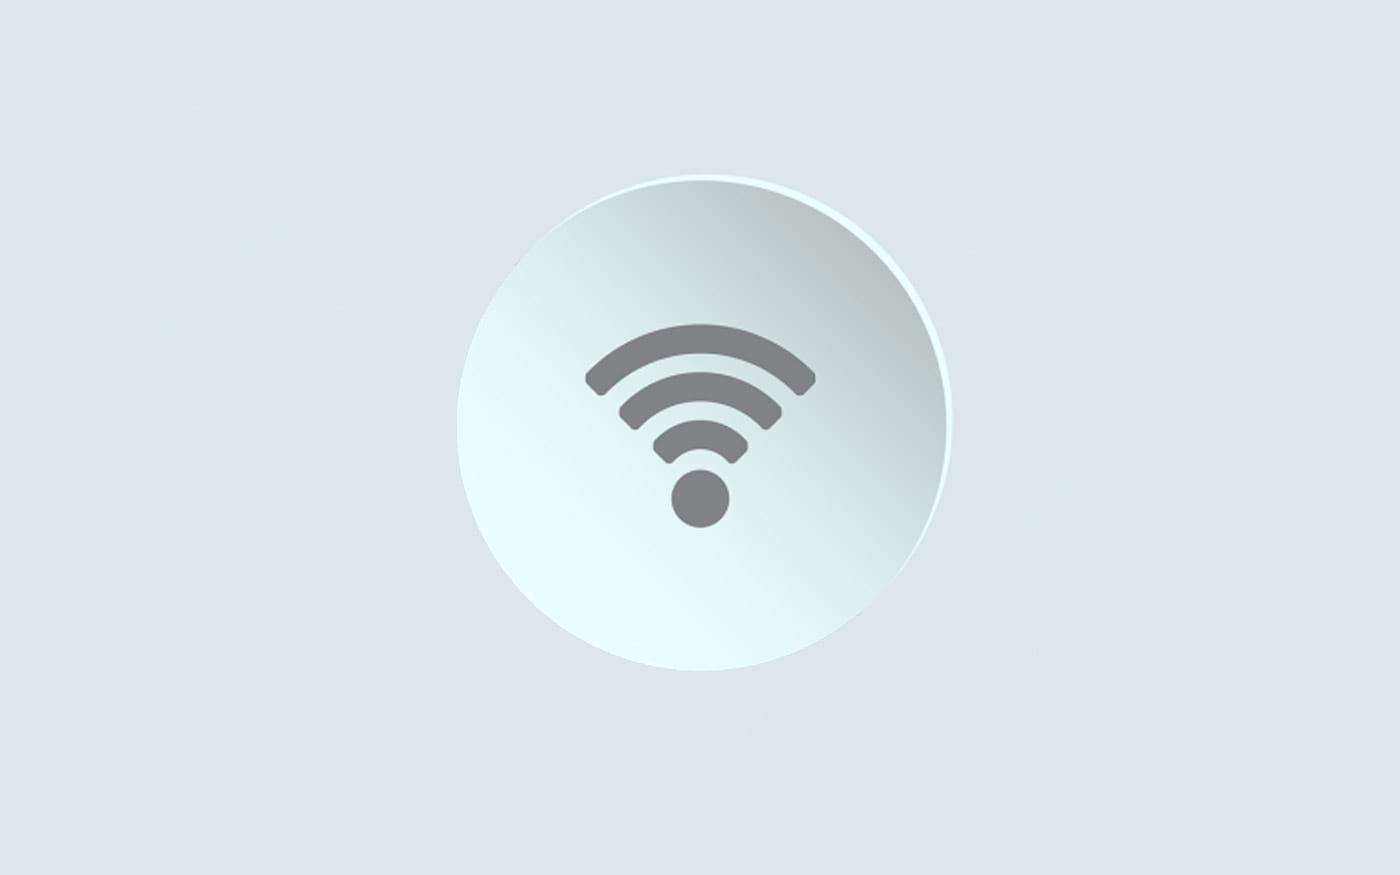 Hotelaria: Estudo revela como o gerenciador de WiFi pode melhorar a experiência dos hóspedes